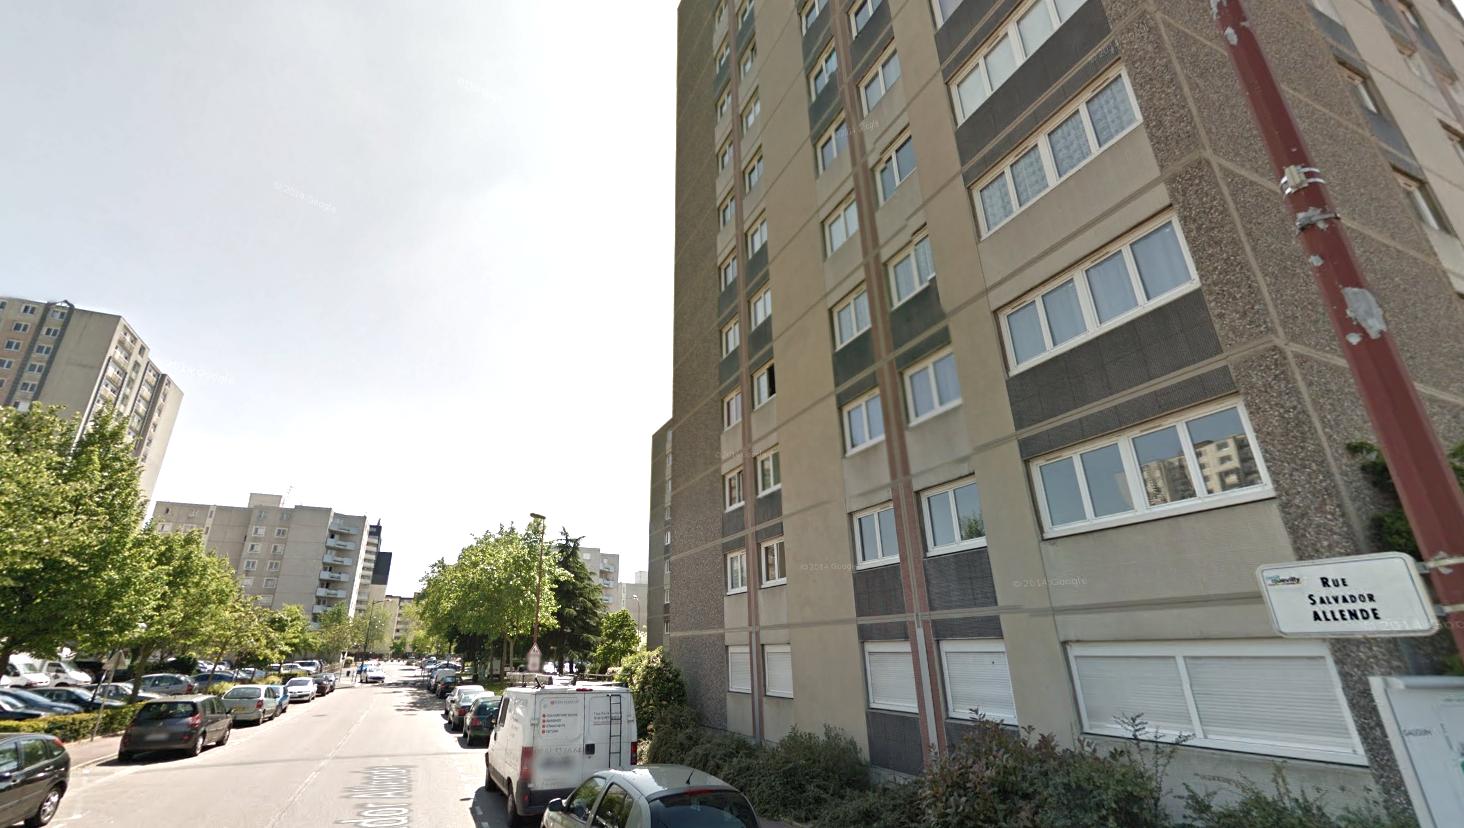 Le drame est survenu dans un des immeubles de la rue Salvador Allende, à Petit-Quevilly